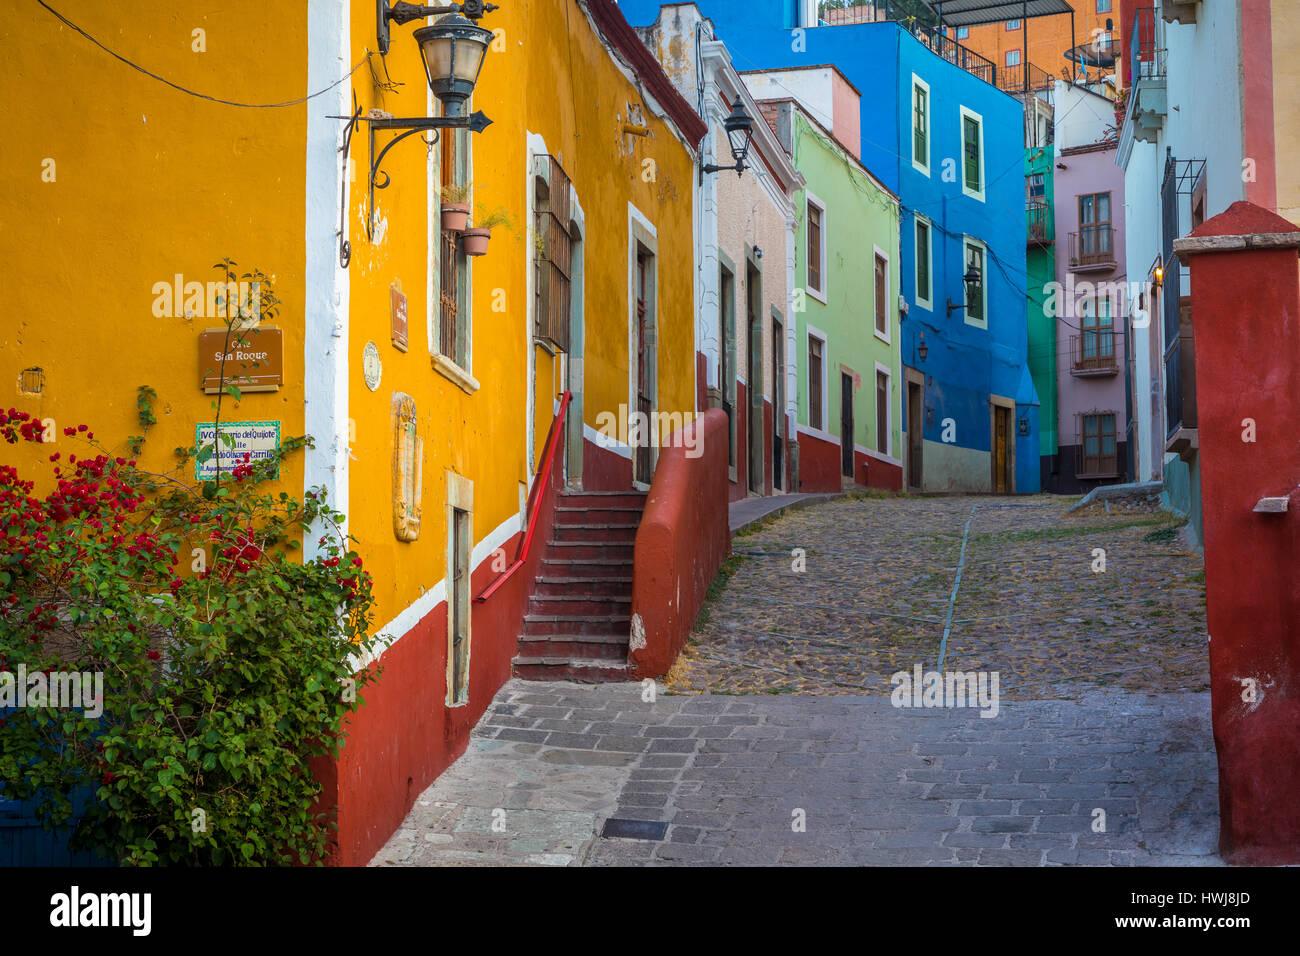 Typische bunte Straße in Guanajuato, Mexiko mit ihren spanischen Kolonialbauten. ---Guanajuato ist eine Stadt Stockbild